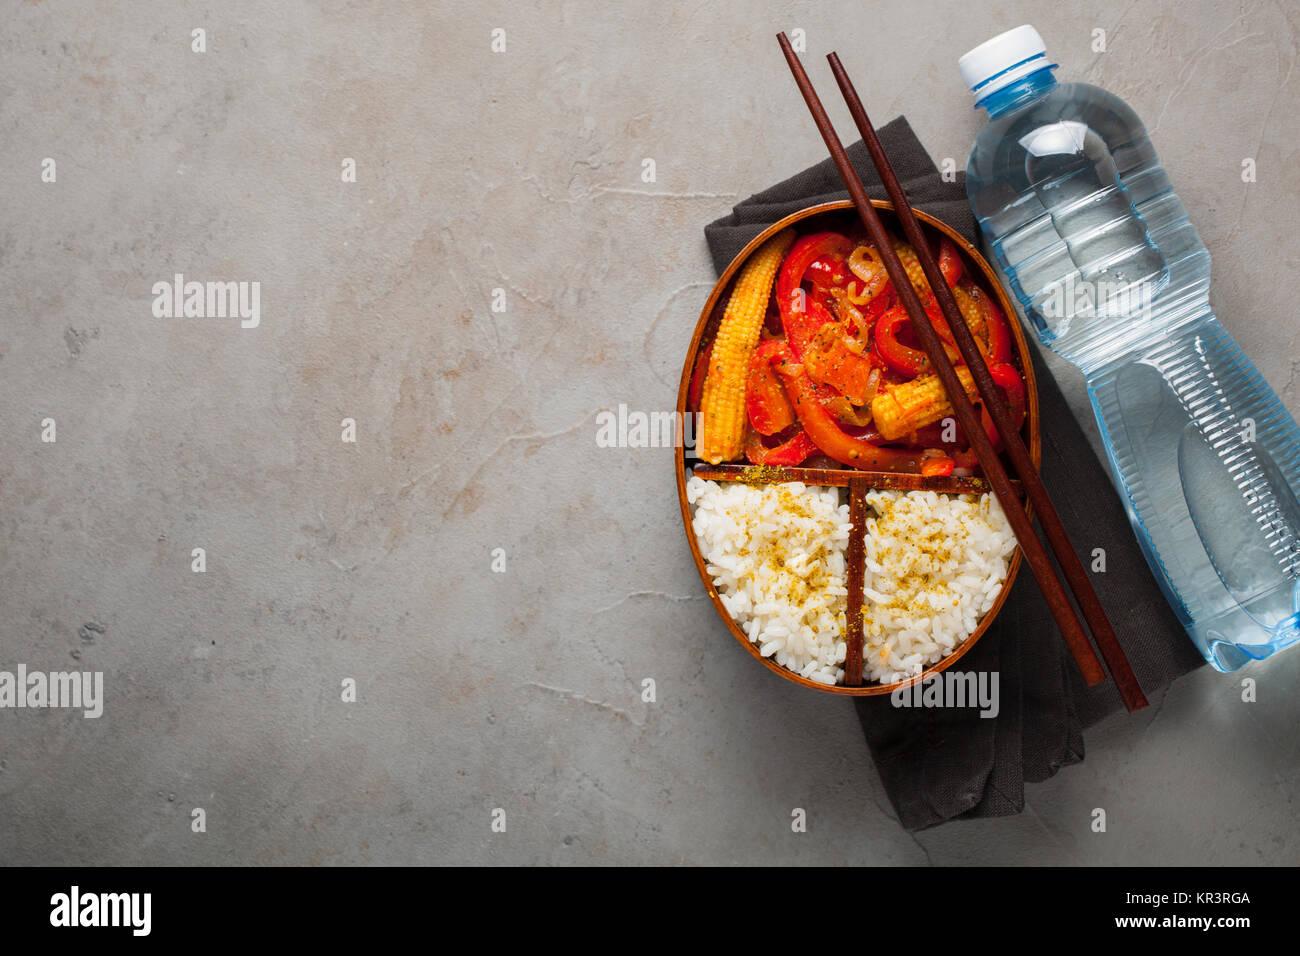 Holz Mittagessen Safe Mit Gesunden Lebensmitteln Bereit Bei Der